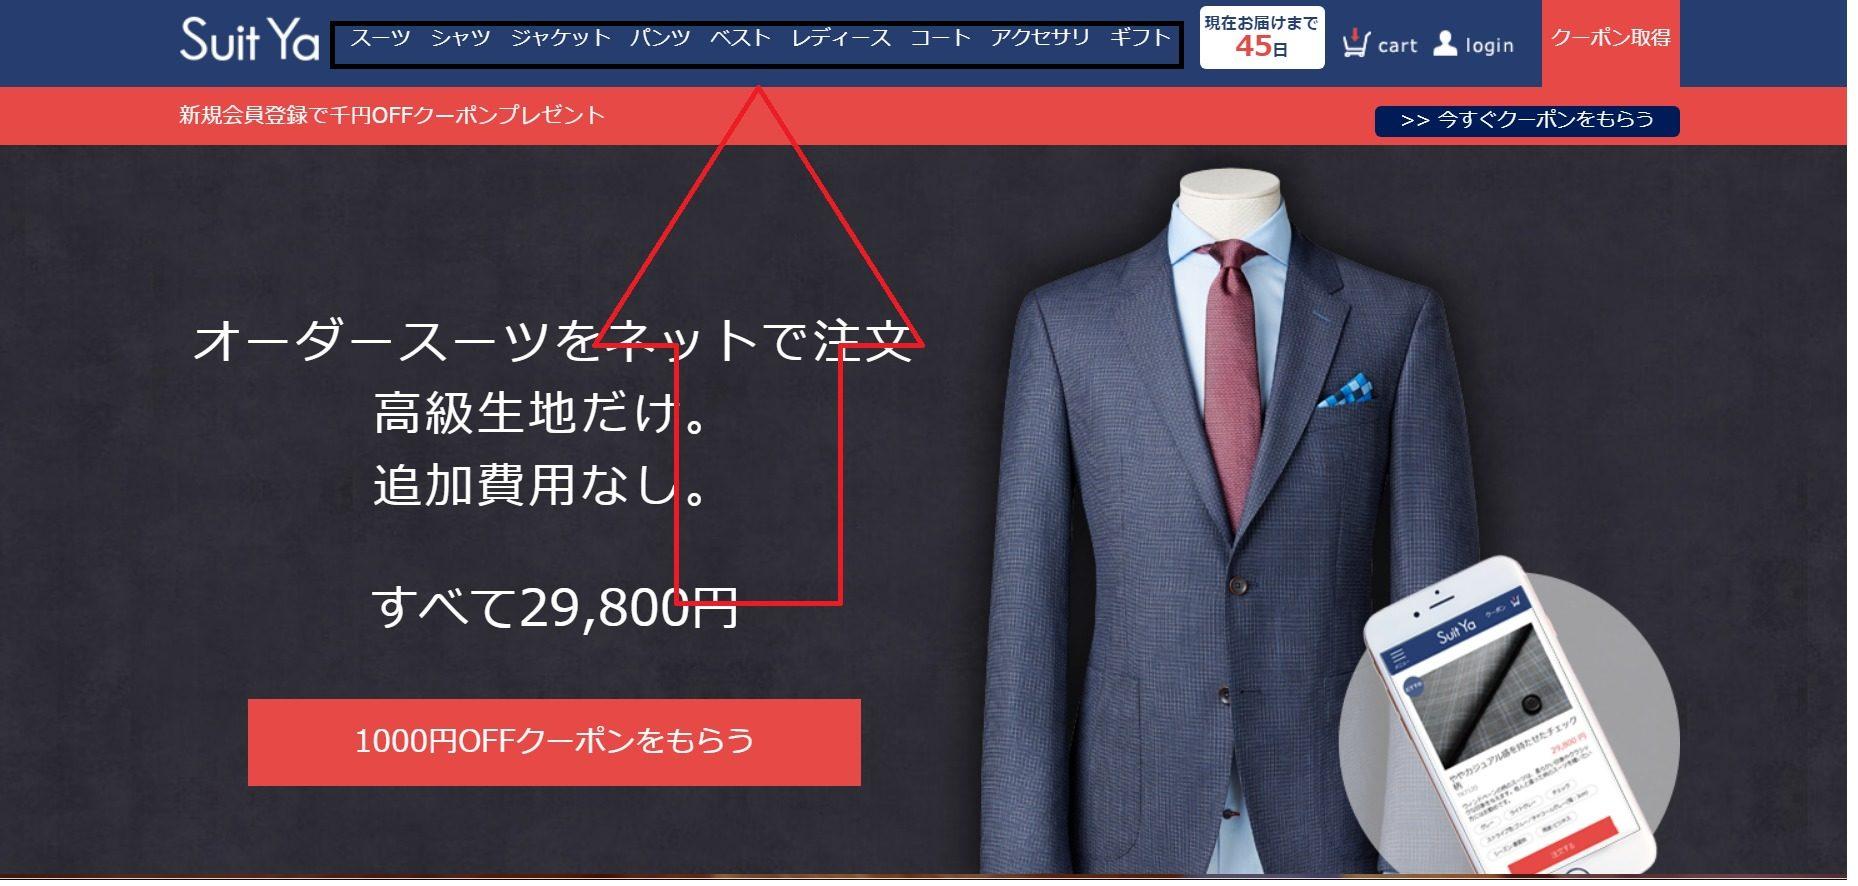 suit yaの注文の仕方